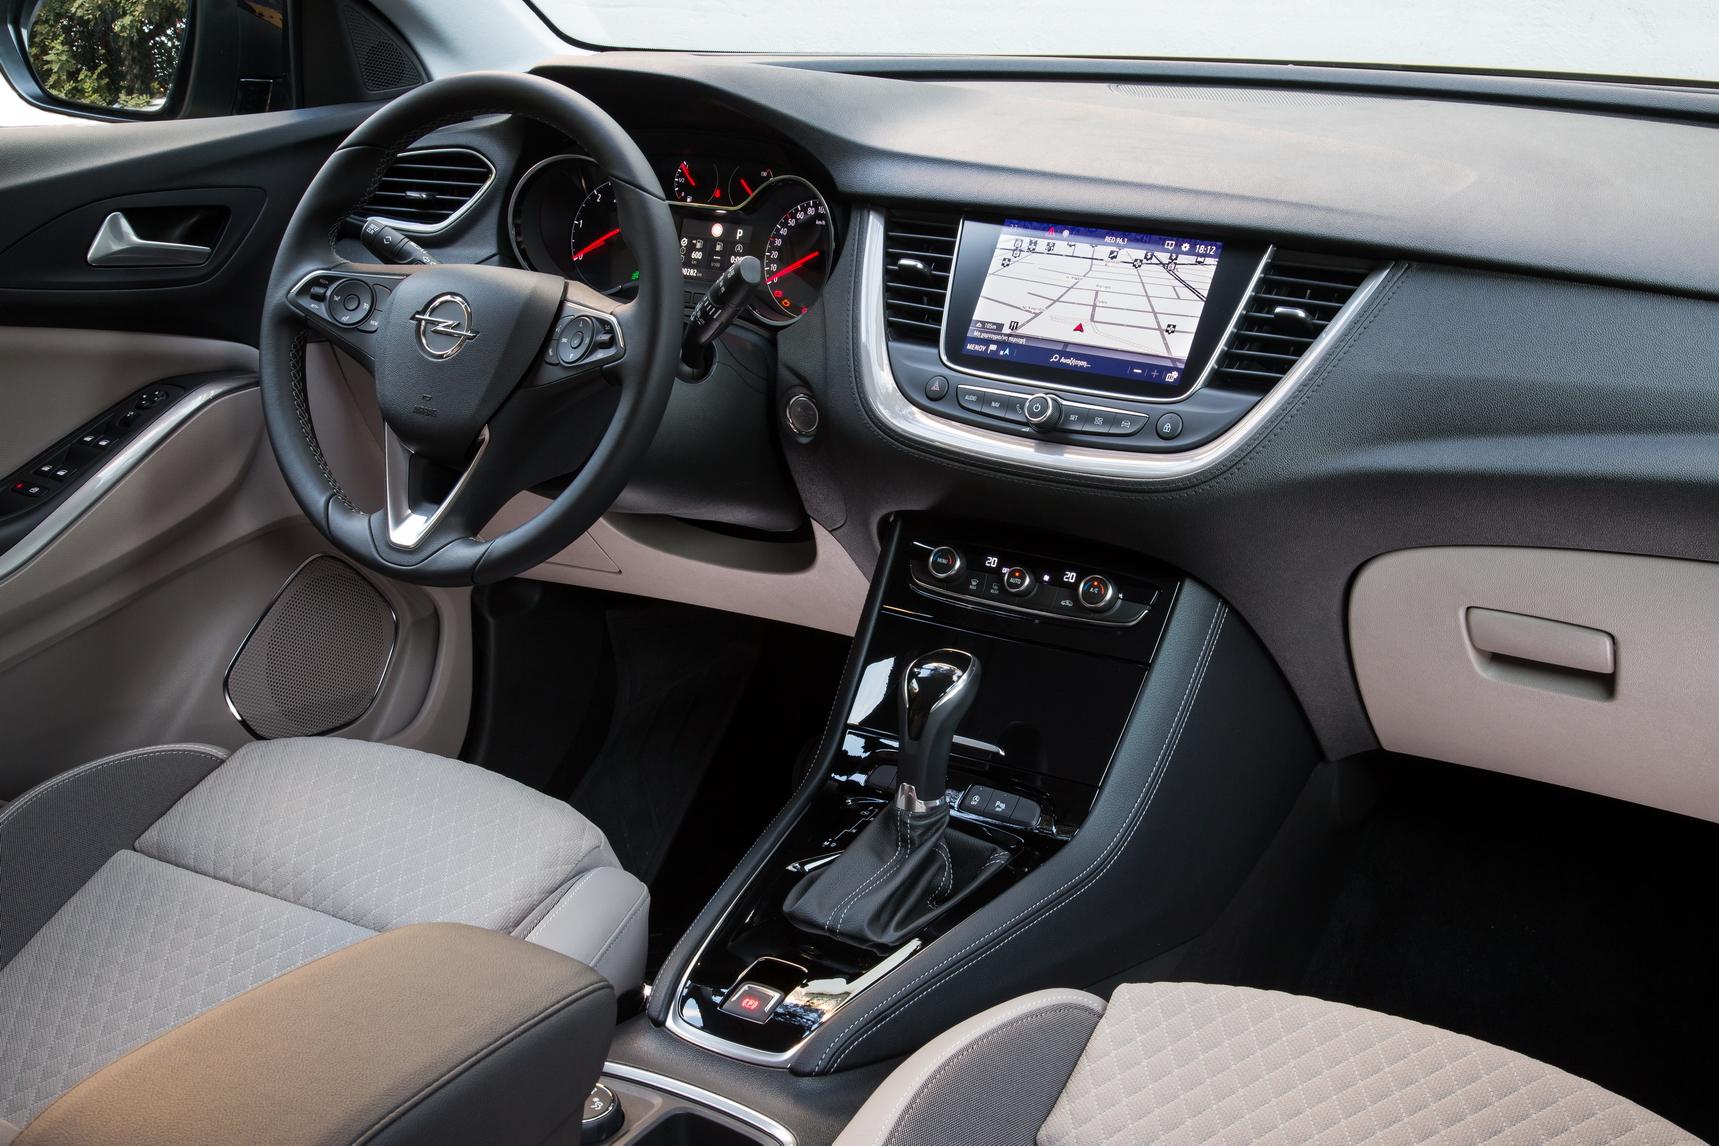 Μέσα σε ένα χρόνο, η Opel κατάφερε να λανσάρει δύο νέα μοντέλα στην κατηγορία των SUV χτίζοντας μία γκάμα γύρω από το προσφάτως ανανεωμένο Mokka X. Η σειρά X περιλαμβάνει πλέον το μεσαίο Grandland X μαζί με το μικρότερο Crossland X, που προηγήθηκε, και φέρει περισσότερο χαρακτηριστικά μοντέλου Crossover παρά SUV. Δύο μοντέλα που εγκαινιάζουν την ενσωμάτωση του brand της Opel στην ομπρέλα του ομίλου PSA (Peugeot-Citroen-DS).